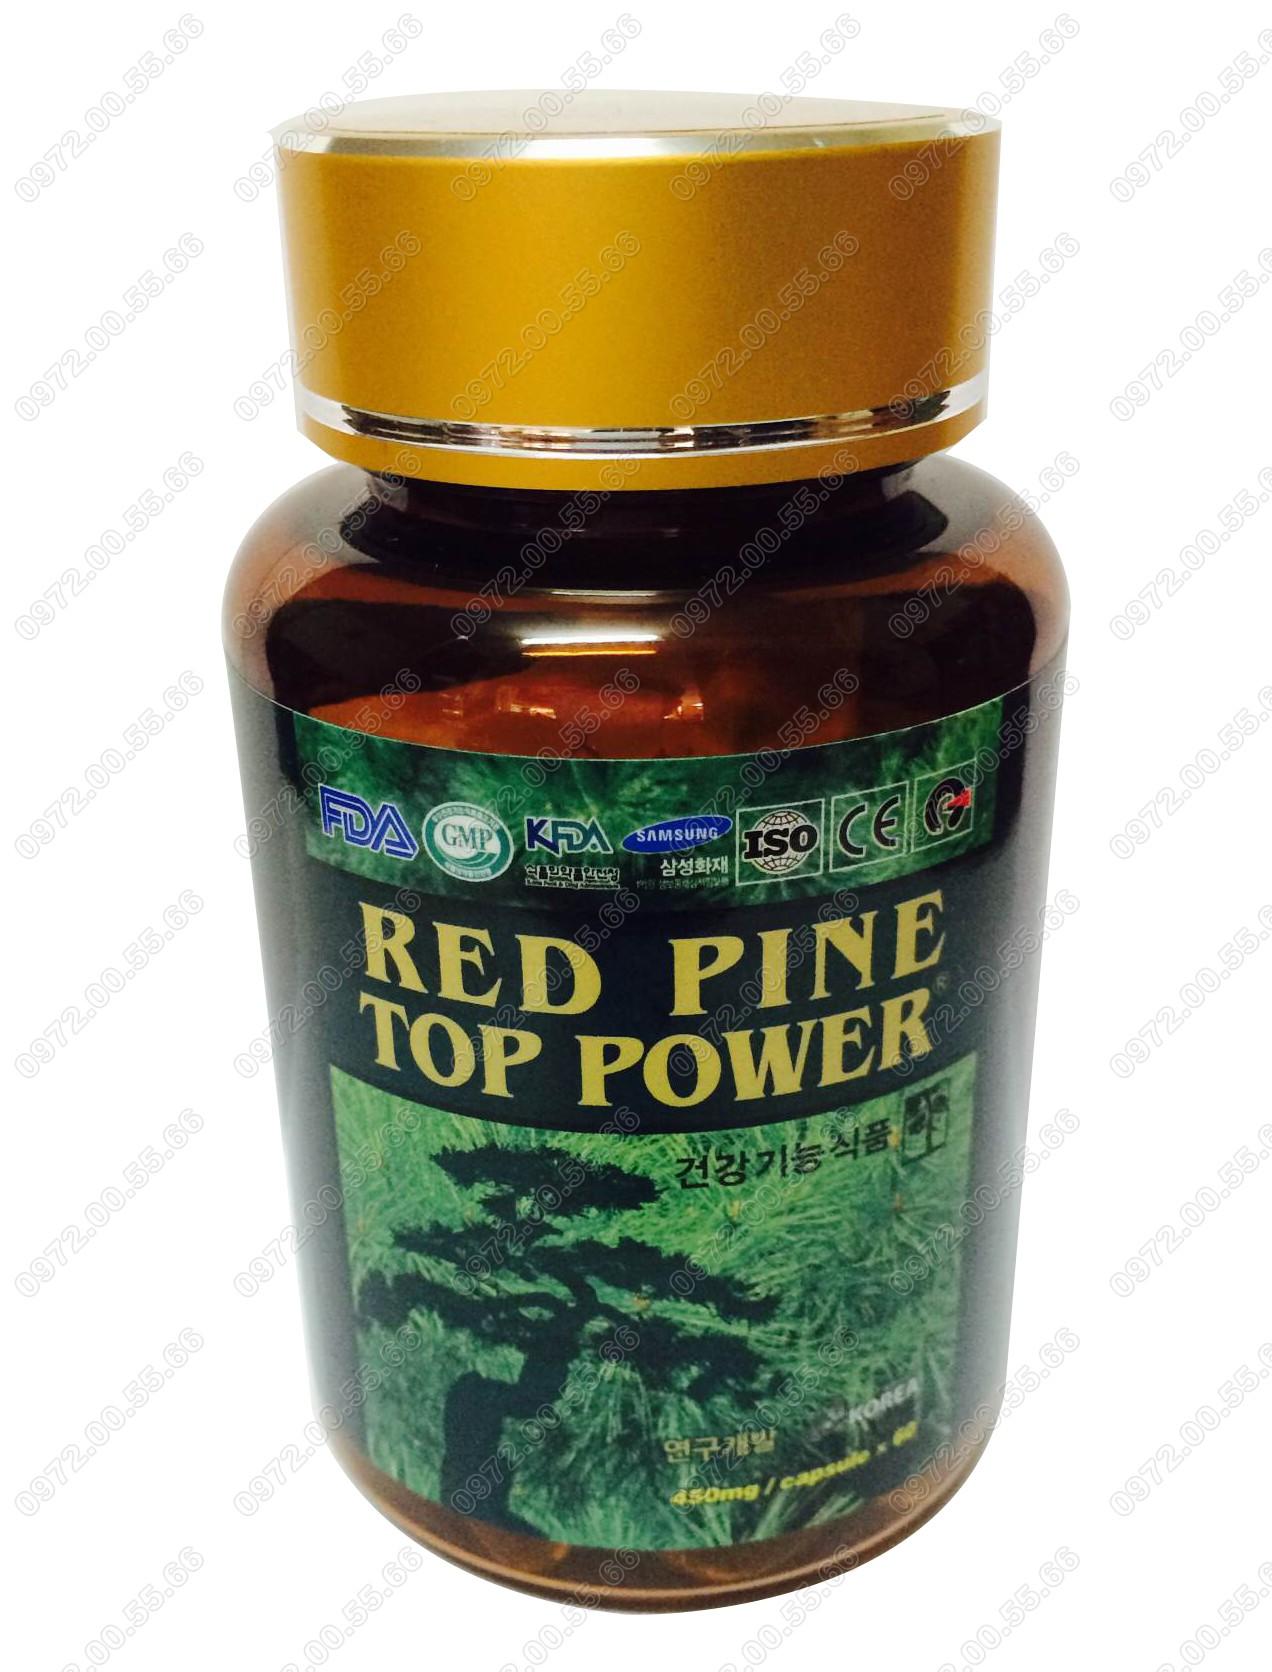 Tinh Dầu Thông Đỏ Hàn Quốc Red Pine Top Power  2